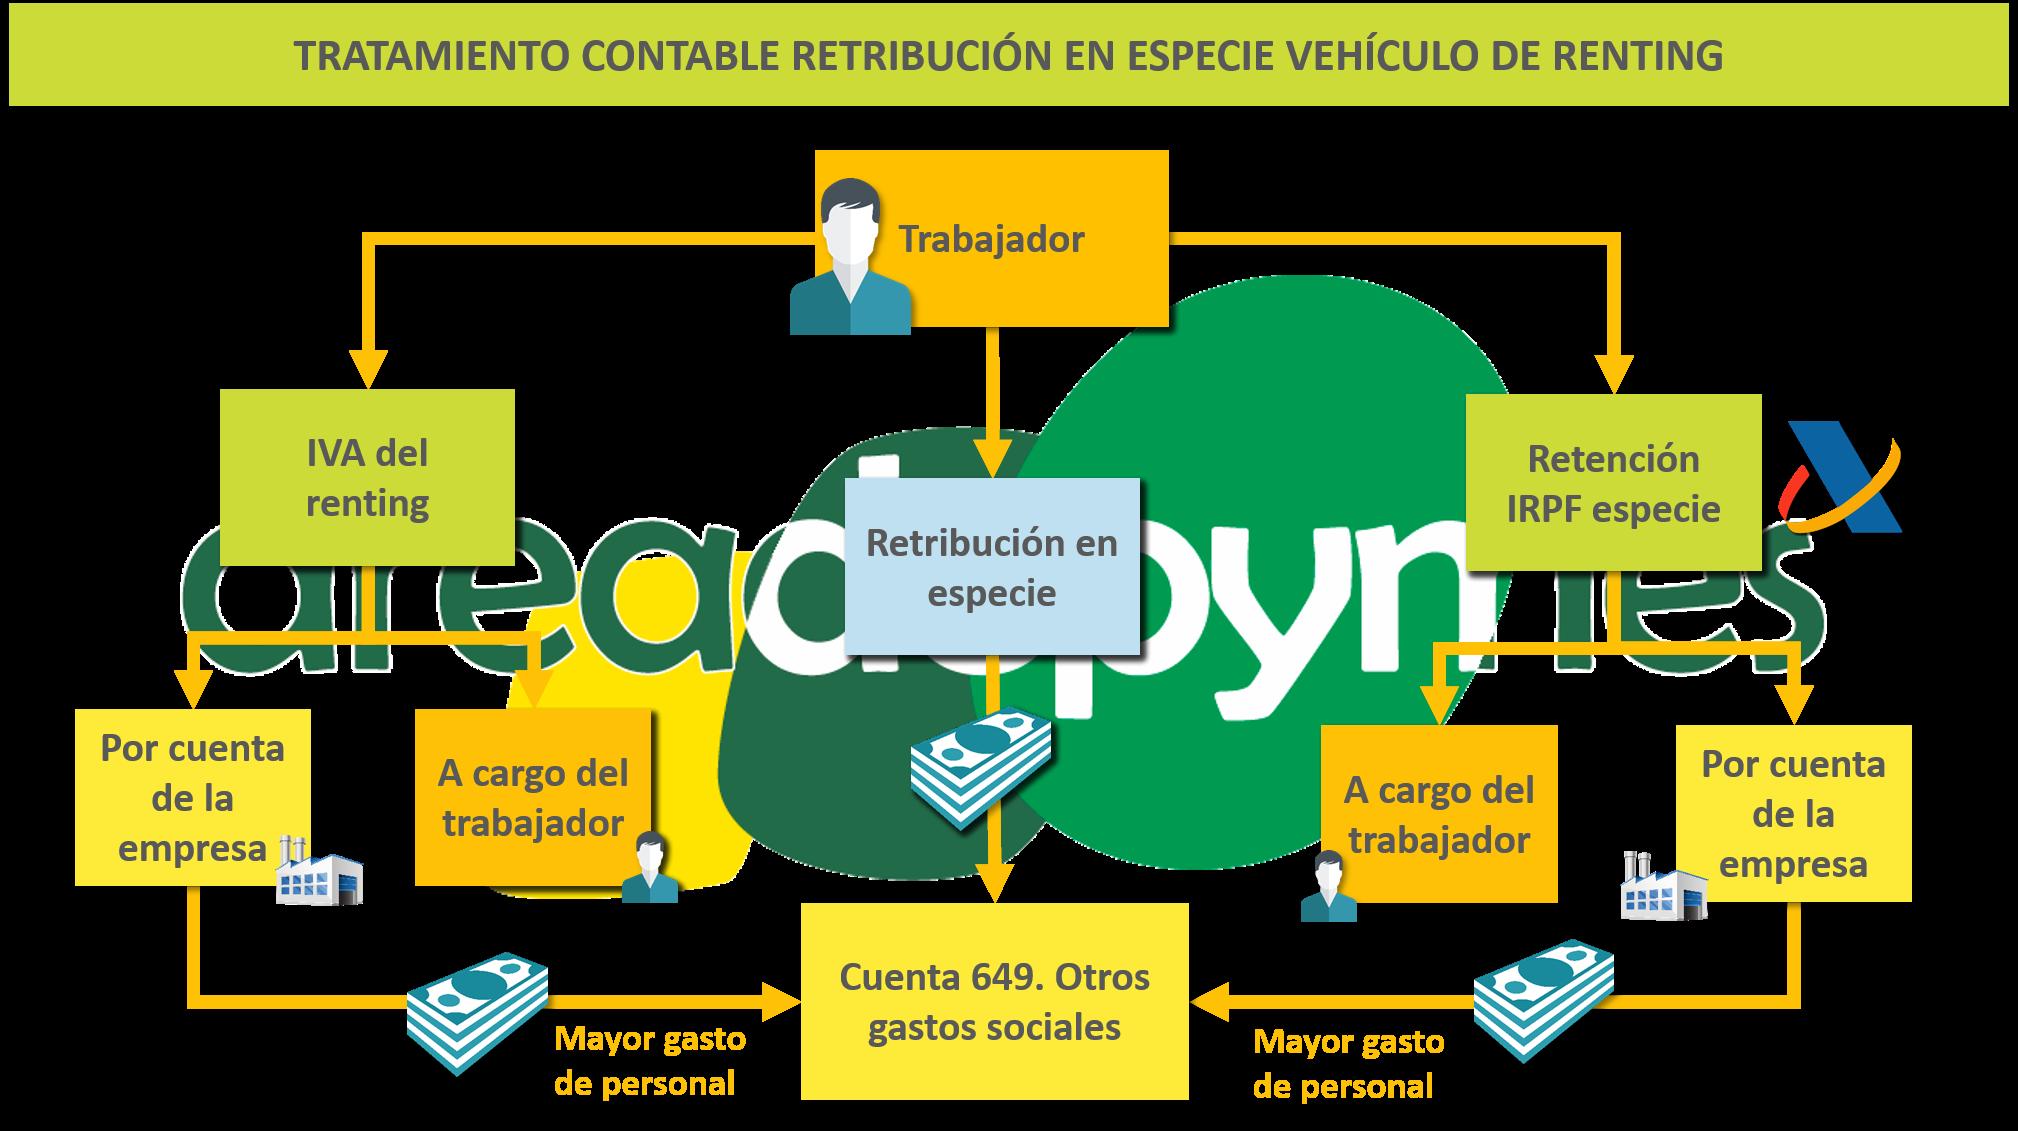 Tratamiento contable de la retribución en especie por la cesión a los trabajadores de vehículos en régimen de renting para fines privados